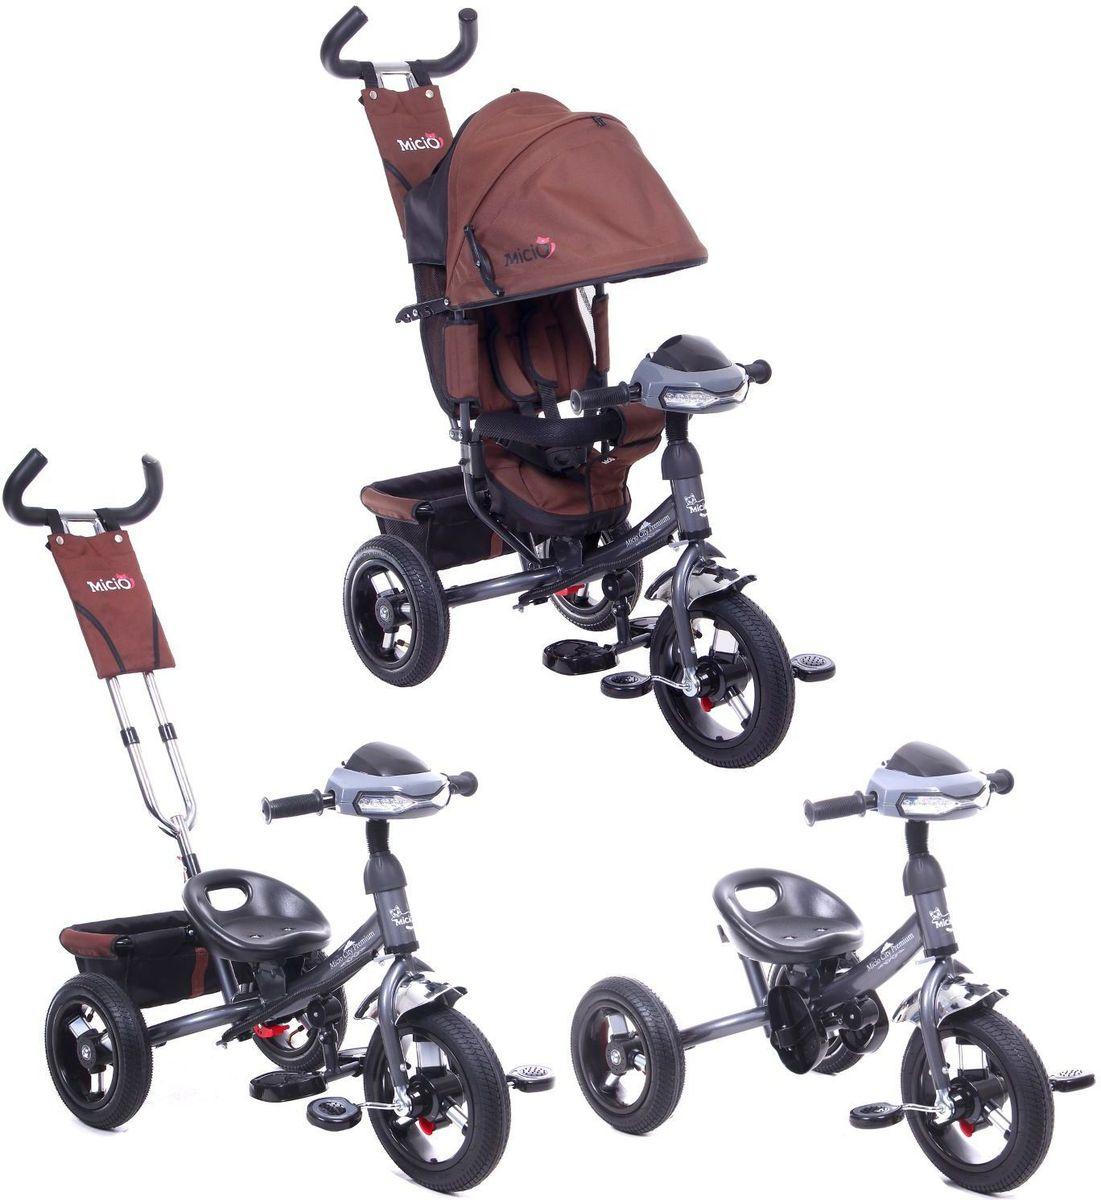 Трехколесный детский велосипед Micio City Premium станет прекрасным подарком для вашего ребенка. Он удобный, современный, красивый и  безопасный. Двойная телескопическая ручка-толкатель поможет родителям управлять этим велосипедом как коляской. А спустя время, когда  ребенок сможет самостоятельно управлять велосипедом, все лишнее можно будет снять. Этот трехколесный велосипед  оснащен увеличенными  колёсами, стояночным тормозом, багажной корзиной и светомузыкальной панелью. Яркость дизайна и современность стиля - вот, что отличается  велосипед Micio City Premium от других. Ребенок сможет комфортно чувствовать себя в нем, благодаря пятиточечному ремню безопасности и  мягкому вкладышу-кенгуру на сиденье. Максимальная нагрузка на велосипед - 30 кг. Особенности трехколесного детского велосипеда Micio City Premium: -функция свободного хода переднего колеса; -стояночный тормоз; -сиденье с высокой спинкой, которое можно регулировать в три положения; -два положения установки сидения; -складные широкие подставки для ног; -складной тент колясочного типа; -складная подножка; -двойная быстросъёмная телескопическая ручка-толкатель; -функция управления передним колесом; -раздвижная дуга безопасности с мягкими подлокотниками; -мягкий вкладыш-кенгуру на сиденье; -пятиточечный ремень безопасности; -корзина; -сумка; -фара со звуковыми эффектами. Размеры велосипеда: Длина от заднего колеса до переднего: 80 см. Расстояние между задними колёсами: 50 см. Высота от руля до пола: 60 см. Высота от седла до пола: 35 см. Расстояние от середины седла до дальней педали: 40 см.